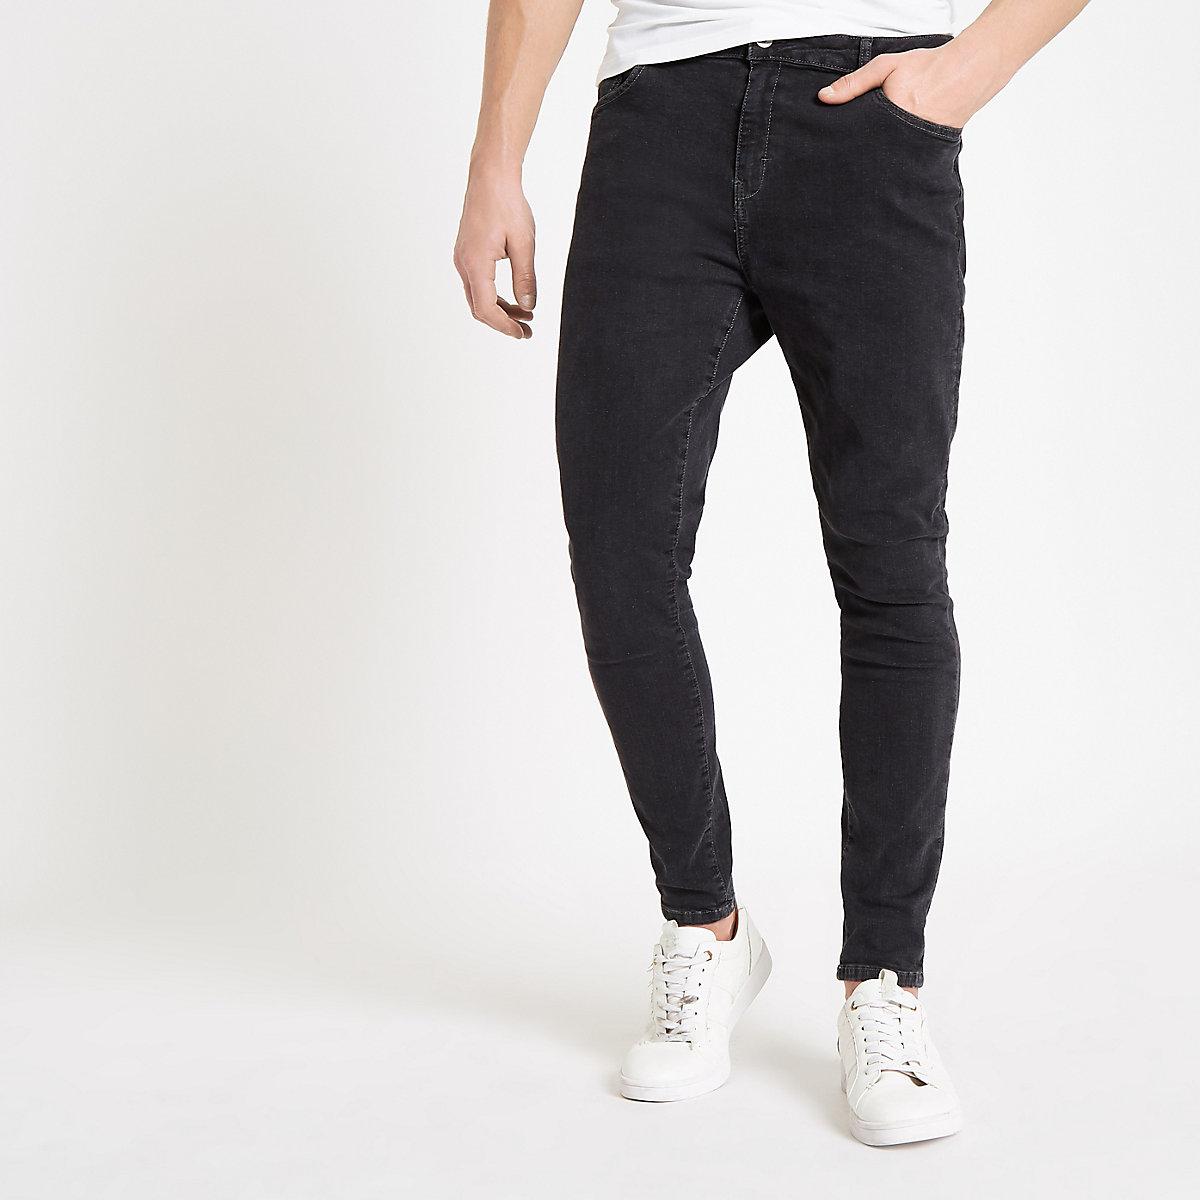 Monkee Genes black super skinny jeans